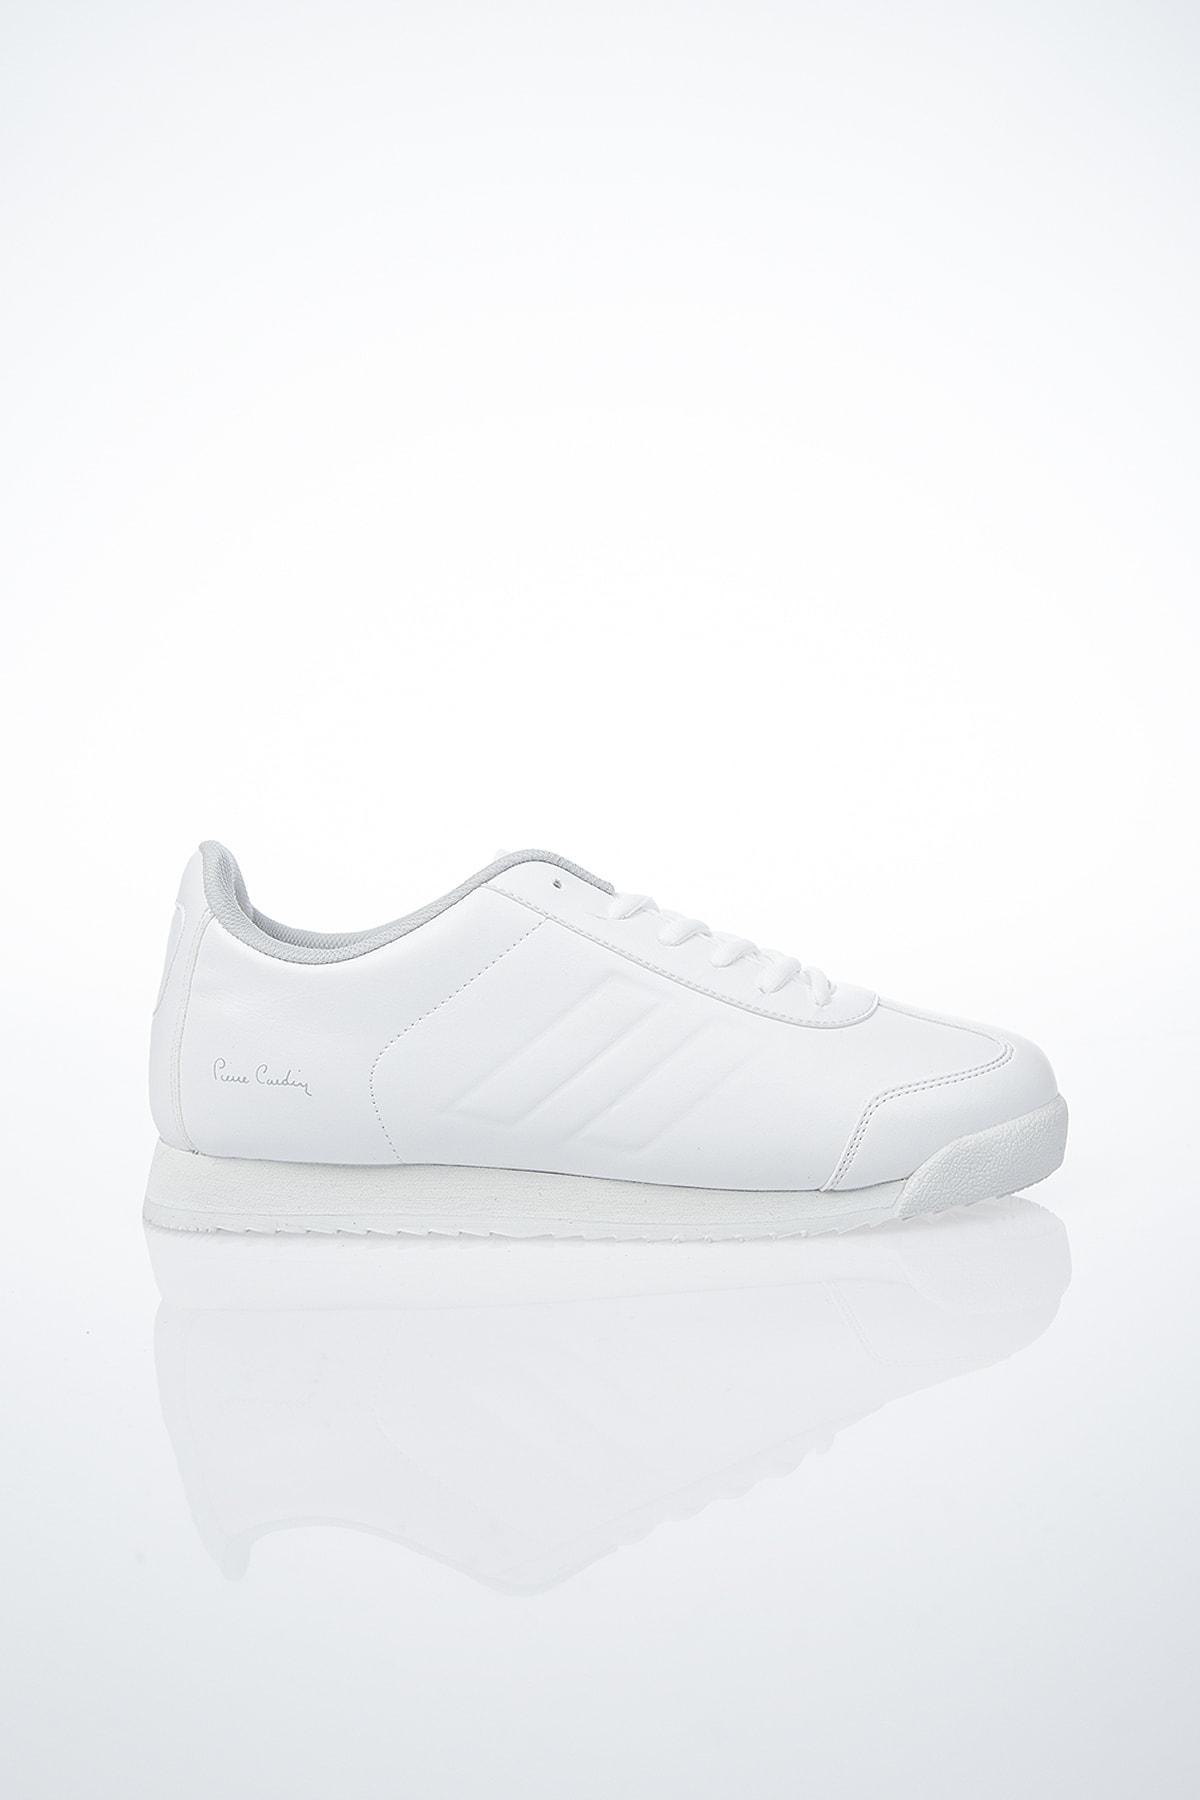 Pierre Cardin PC-30484 Beyaz Erkek Spor Ayakkabı 1